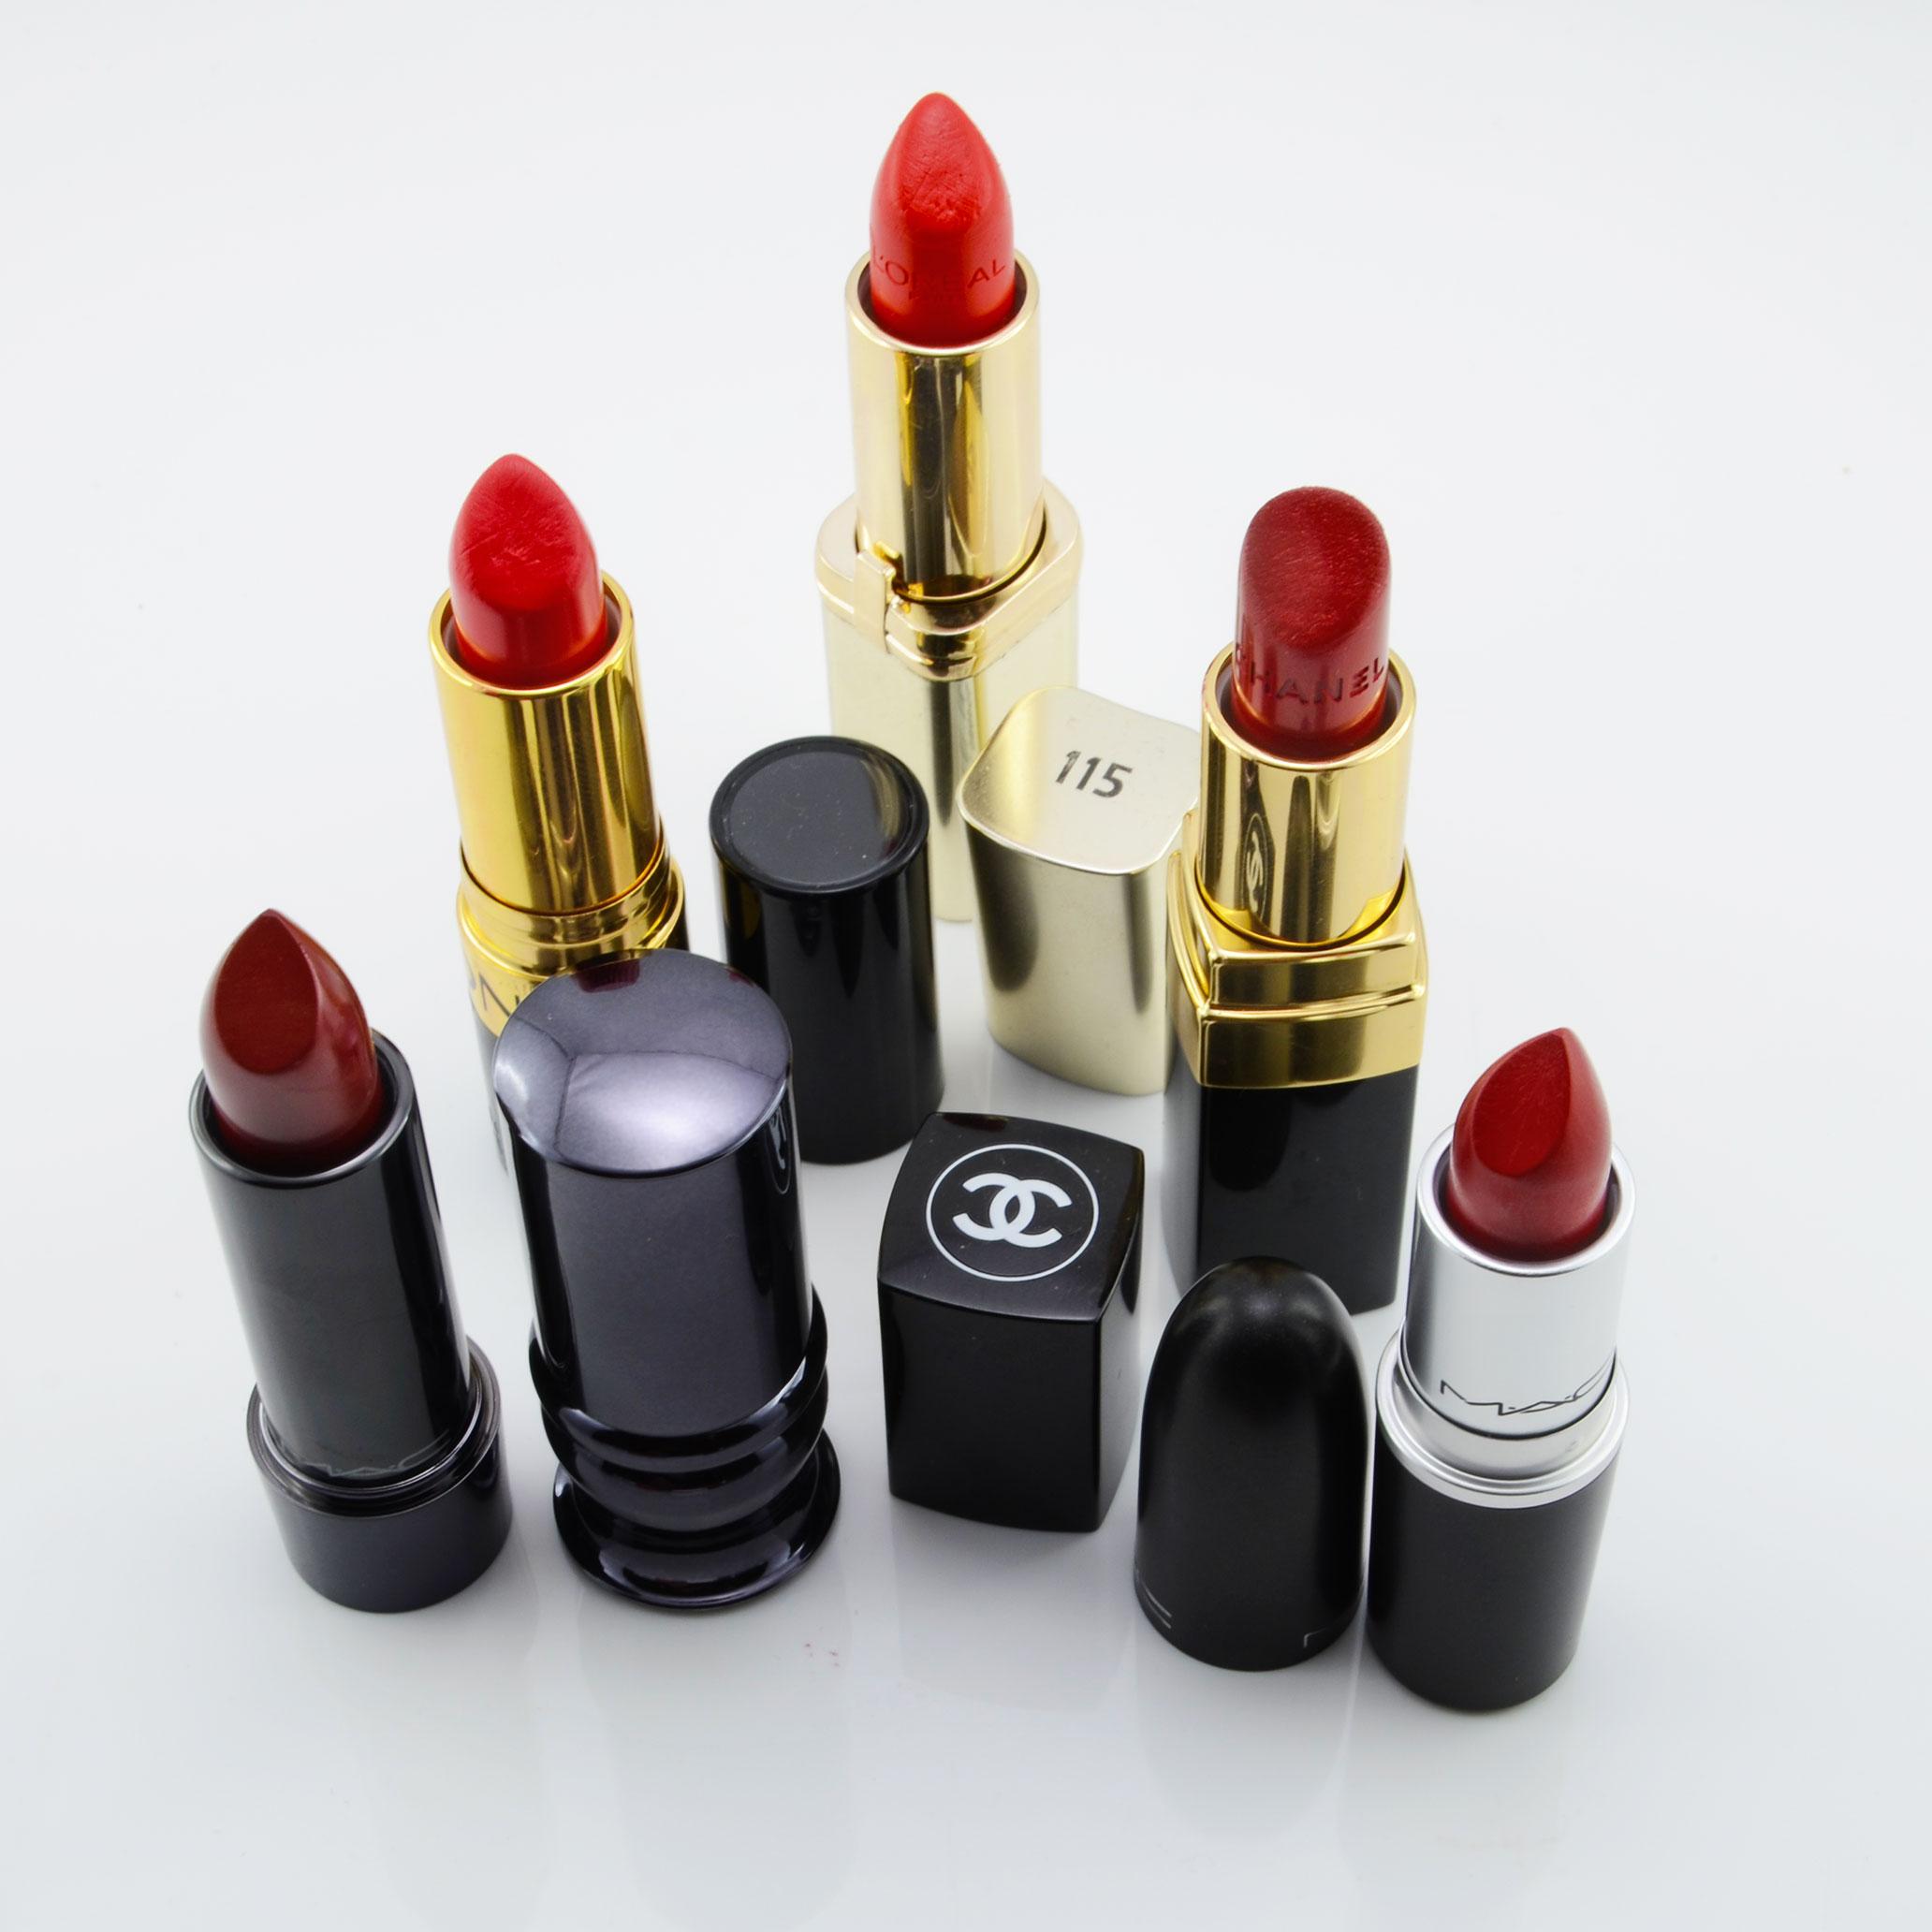 RetroCats rote Lippenstifte von Chanel, Mac und Revlon